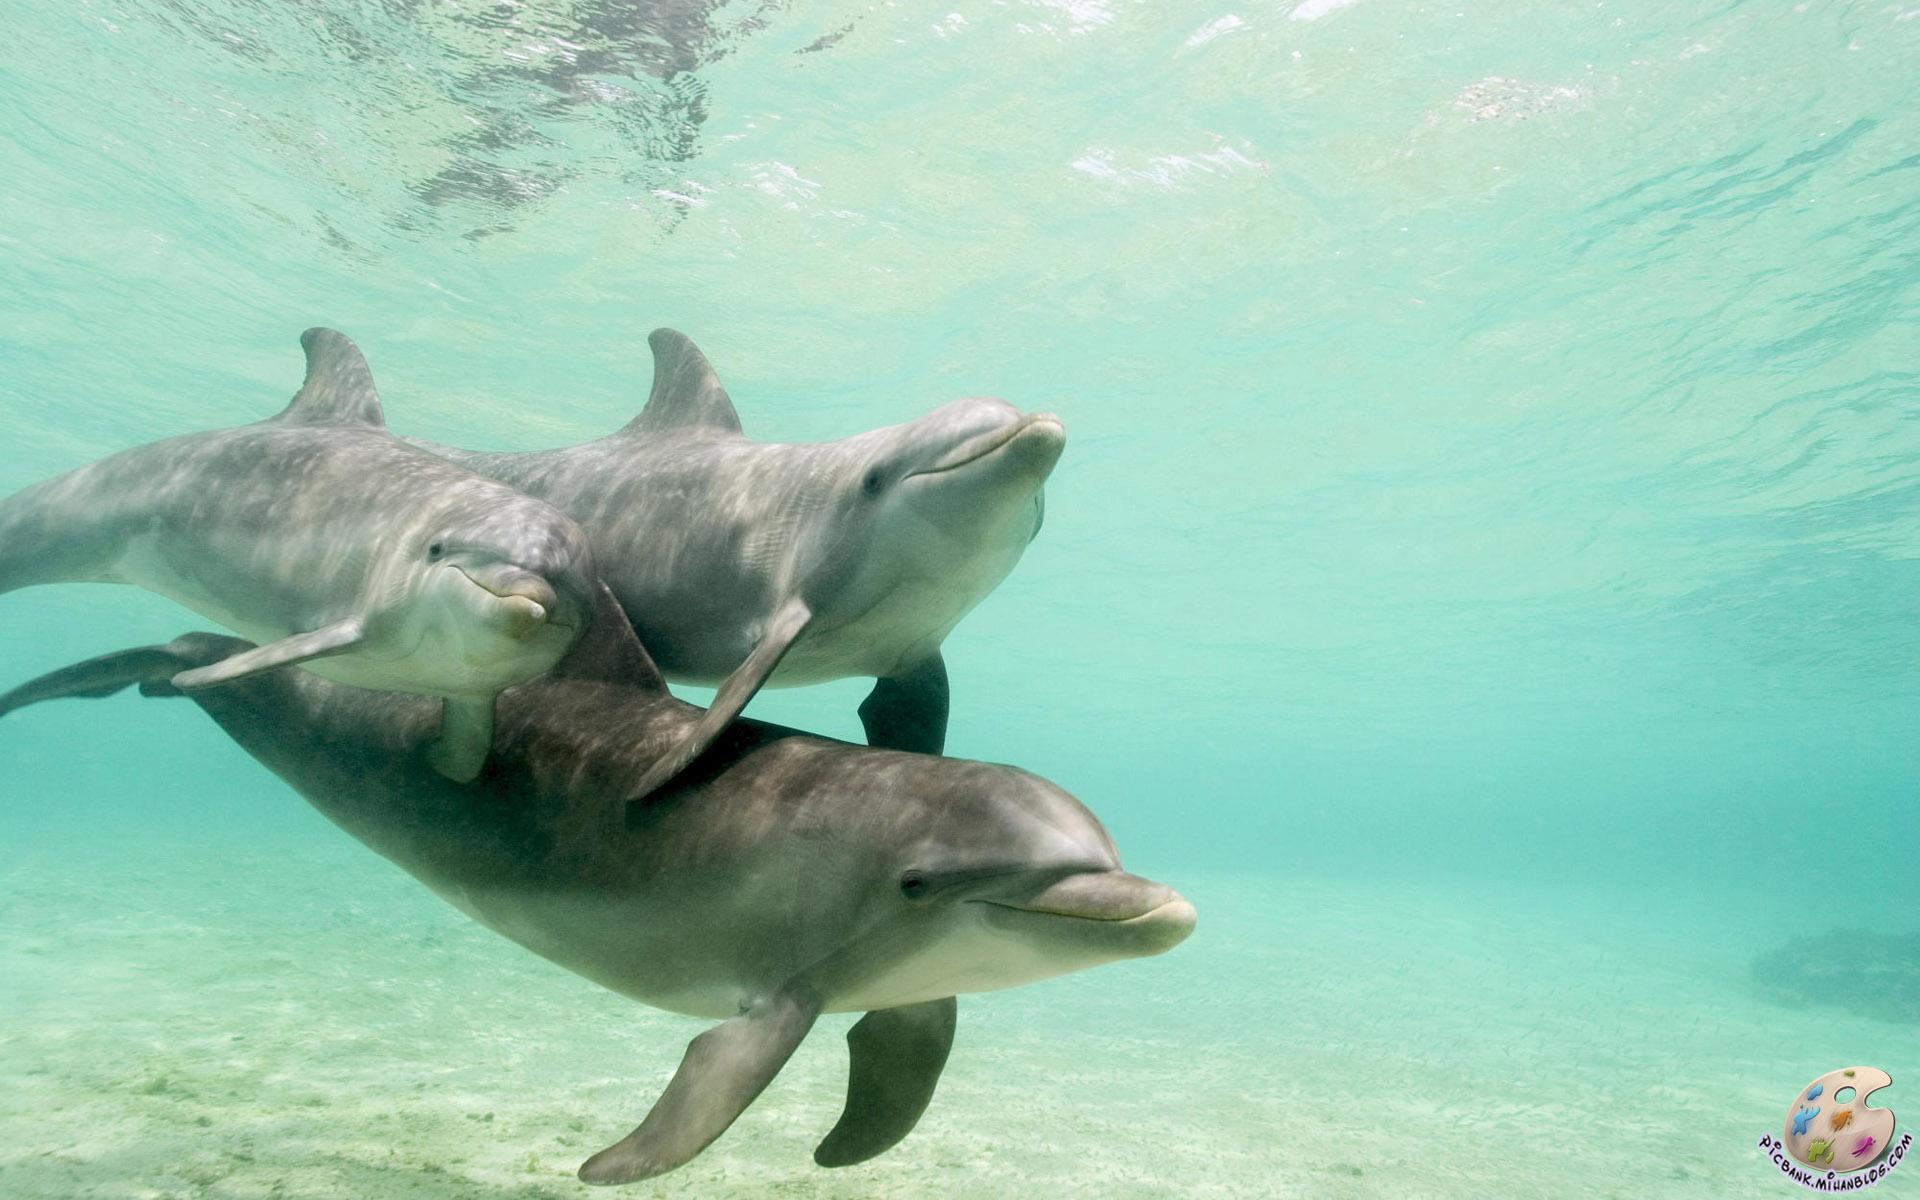 دلفین ، عکس دلفین ، عکسهای دلفین ، والپیپر دلفین ، والپیپرهای دلفین ، دلفینها ، عکس دلفینها ، عکسهای دلفینها ، والپیپر دلفینها ، والپیپرهای دلفینها ، تحقیق روی دلفینها ، تحقیقات روی دلفینها ، حفاظت از دلفینها ، تحقیقات روی دلفین ، تحقیق روی دلفین ، انواع دلفین ، انواع دلفینها ، عکس ، عکس زیبا ، عکسهای زیبا ، عکسها ، والپیپر ، والپیپر زیبا ، والپیپرهای زیبا ، والپیپرها ، عکس باکیفیت ، عکس با کیفیت ، عکسهای با کیفیت ، عکسهای باکیفیت ، HD ، عکس HD ، عکسهای HD ، والپیپر HD ، والپیپرهای HD ، والپیپر با کیفیت ، والپیپر باکیفیت ، والپیپرهای باکیفیت ، والپیپرهای با کیفیت ، عکس با کیفیت بالا ، عکسهای با کیفیت بالا ، والپیپر با کیفیت بالا ، والپیپرهای با کیفیت بالا ، حیوان ، حیوانات ، جانور ، جانوران ، موجودات ، حیوانات دریایی ، دریایی ، جانوران دریایی ، جانداران ، موجودات دریایی ، جانداران دریایی ، تحقیقات ، تحقیقات دریایی ، تحقیقات جانواران ، تحقیقات جانداران ، تحقیقات موجودات ، تحقیقات گیاهان ، گیاهان دریایی ، تحقیقات جانوران دریایی ، تحقیقات حیوانات دریایی ، تحقیقات موجودات دریایی ، عکس حیوانات ، عکس جانوران ، عکس موجودات ، عکس جانداران ، عکس گیاهان ، عکس جانوران دریایی ، عکس جانداران دریایی ، عکس موجودات دریایی ، عکس حیوانات دریایی ، والپیپر حیوانات دریایی ، والپیپر جانوران دریایی ، والپیپر موجودات دریایی ، دریا ، دریاها ، اقیانوس ، اقیانوس ها ، اقیانوسها ، اقیانوس شناسی ، جانور شناسی ، جانور شناسی دریا ، زیست شناسی ، زیست شناسی دریا ، اکولوژی ، اکولوژی دریا ، اعماق دریا ، اعماق دریاها ، اعماق اقیانوس ، اعماق اقیانوسها ، بستر دریا ، بستر دریاها ، موجودات بستر زی ، موجودات بسترزی ، بستر اقیانوس ، بستر اقیانوسها ، بسترهای دریا ، بسترهای ماسه ای ، بسترهای اقیانوسها ، مرجان ، مرجانی ، صخره مرجانی ، صخره های مرجانی ، آبسنگ مرجانی ، آبسنگهای مرجانی ، ریف مرجانی ، ریفهای مرجانی ، موجودات مرجانی ، اجتماعات مرجانی ، اجتماع مرجانی ، زندگی اعماق دریا ، زندگی اعماق اقیانوس ، ماهی های صخره های مرجانی ، ماهی های ریفهای مرجانی ، ماهی ، ماهی ها ، ماهیها ، اجتماع ماهی ها ، اجتماعات ماهی ها ، پیک بانک ، نگارخانه ، والپیپر حیوانات ، والپیپر جانوران ، والپیپر موجودات ، والپیپر جانداران ، pi